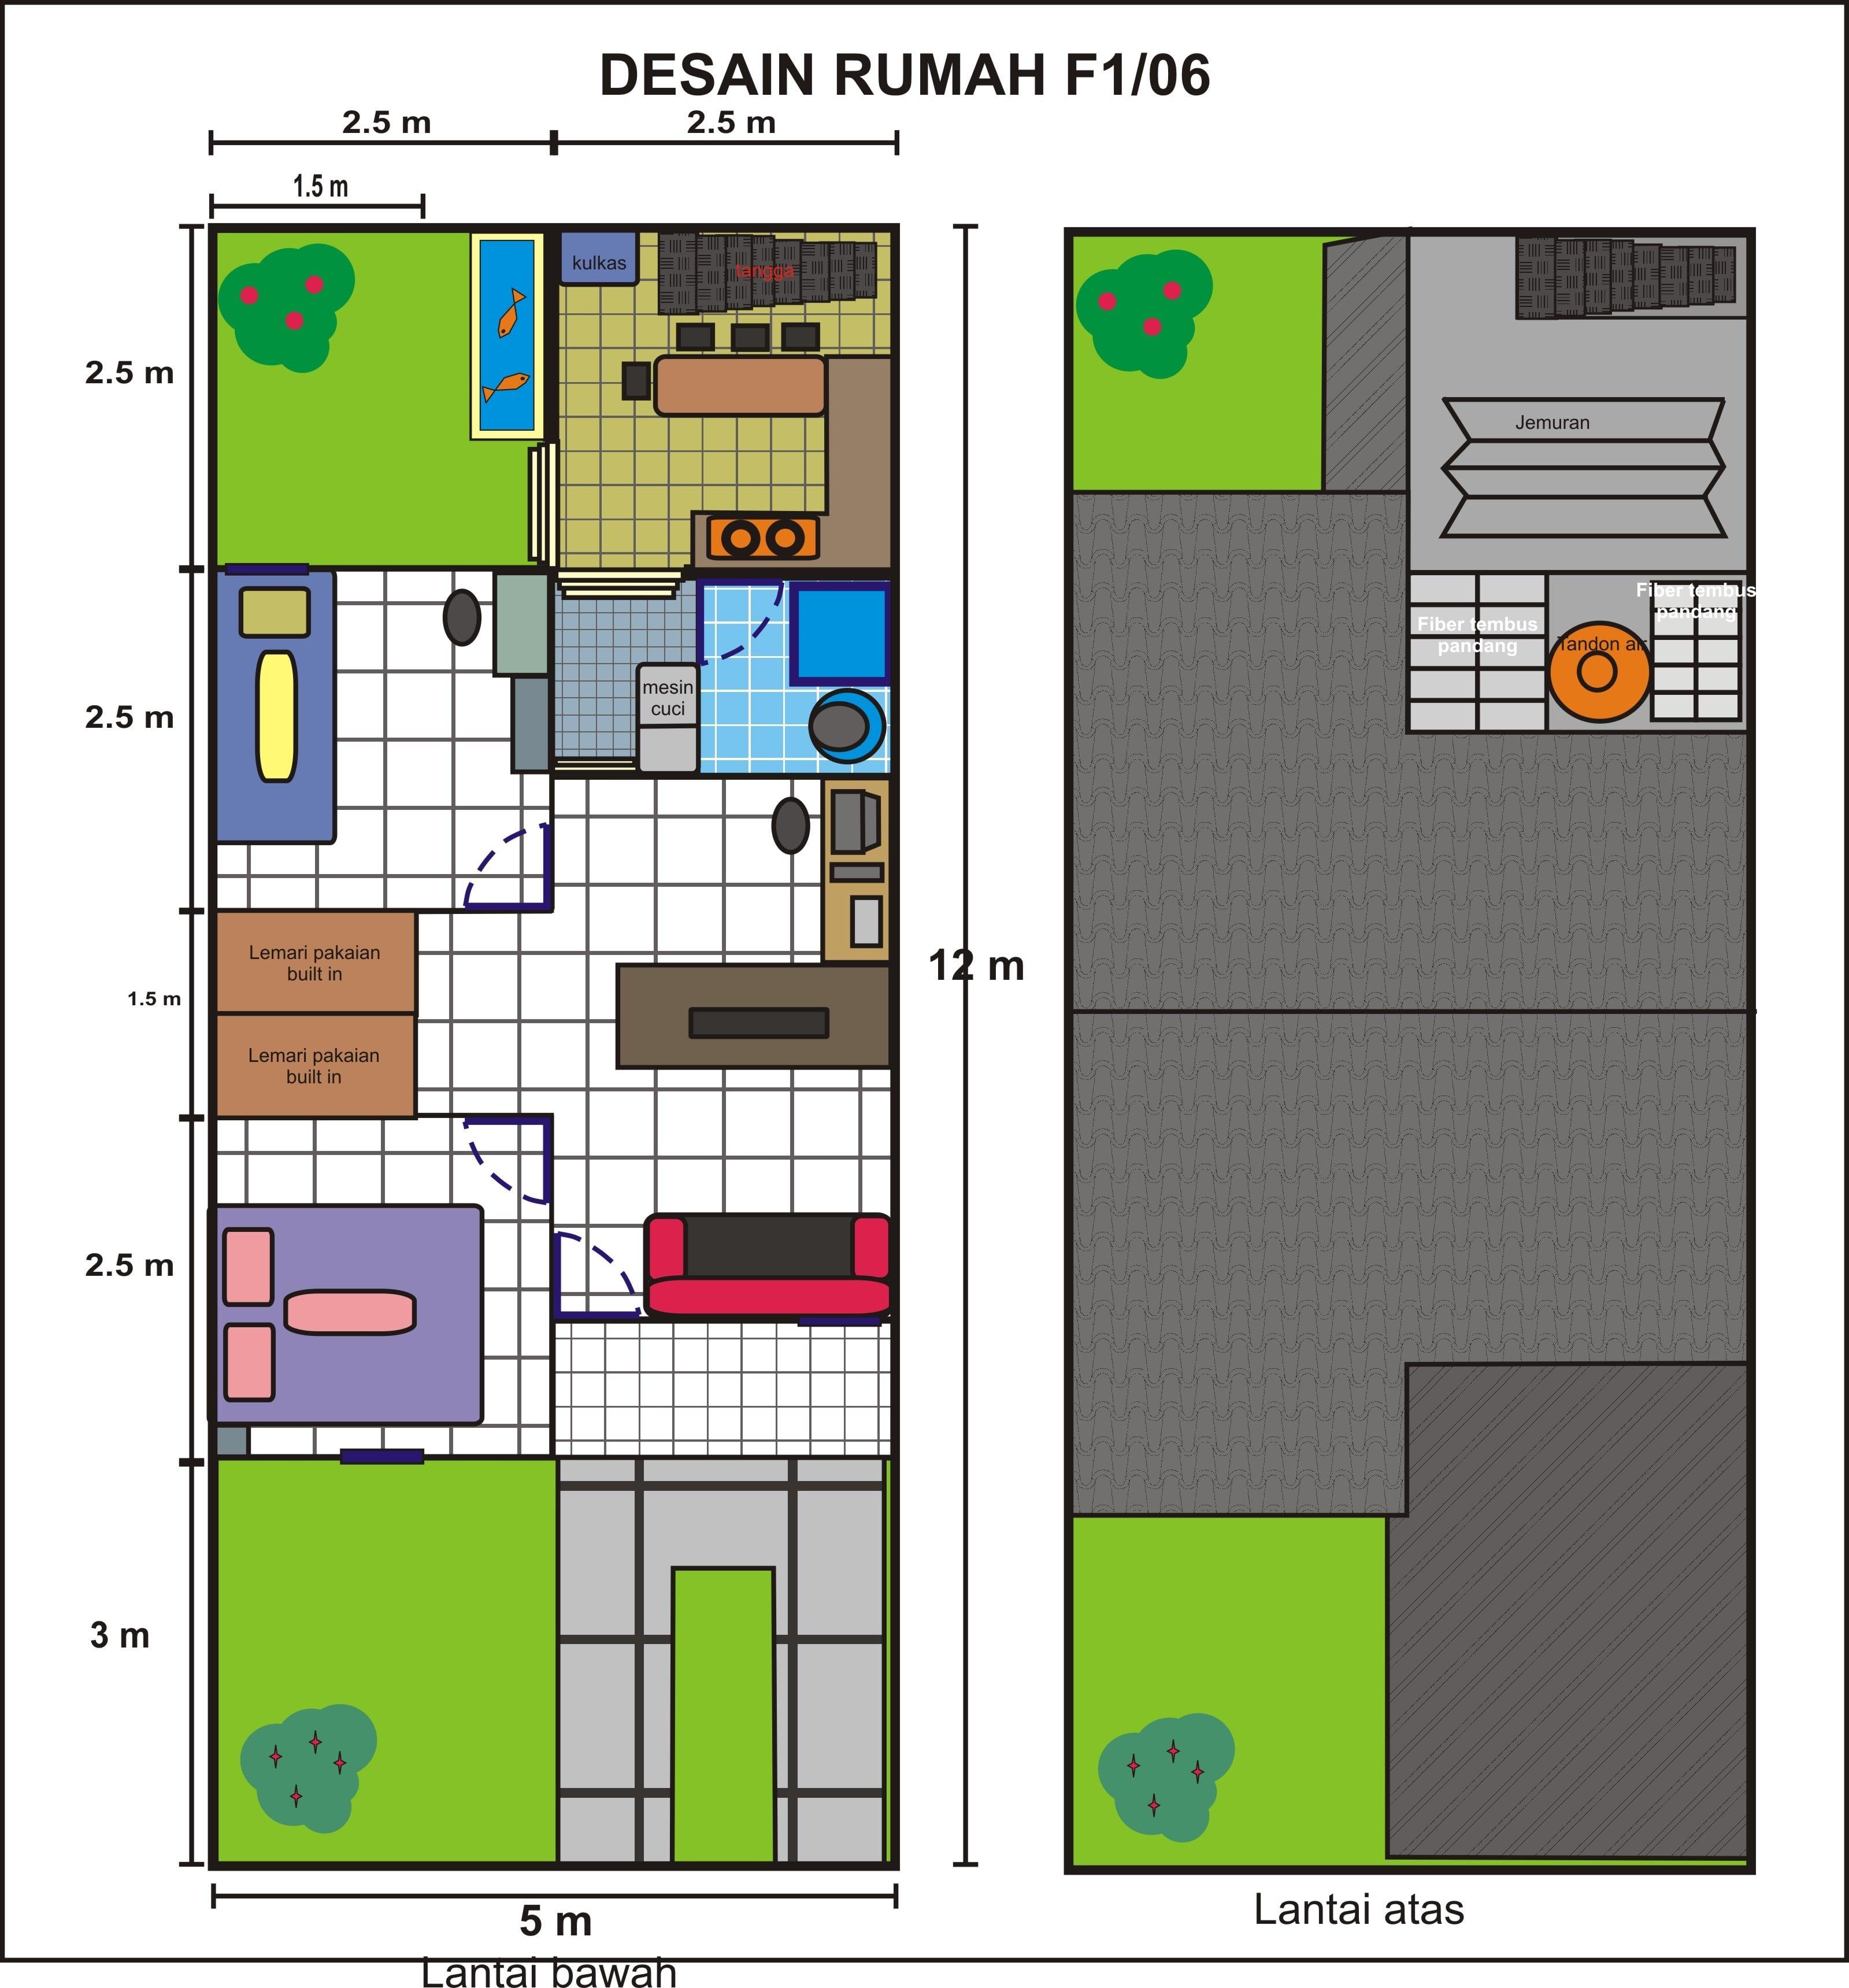 52 Macam Desain Rumah Minimalis Ukuran 5X8 Terbaru Dan Terbaik - Deagam  Design